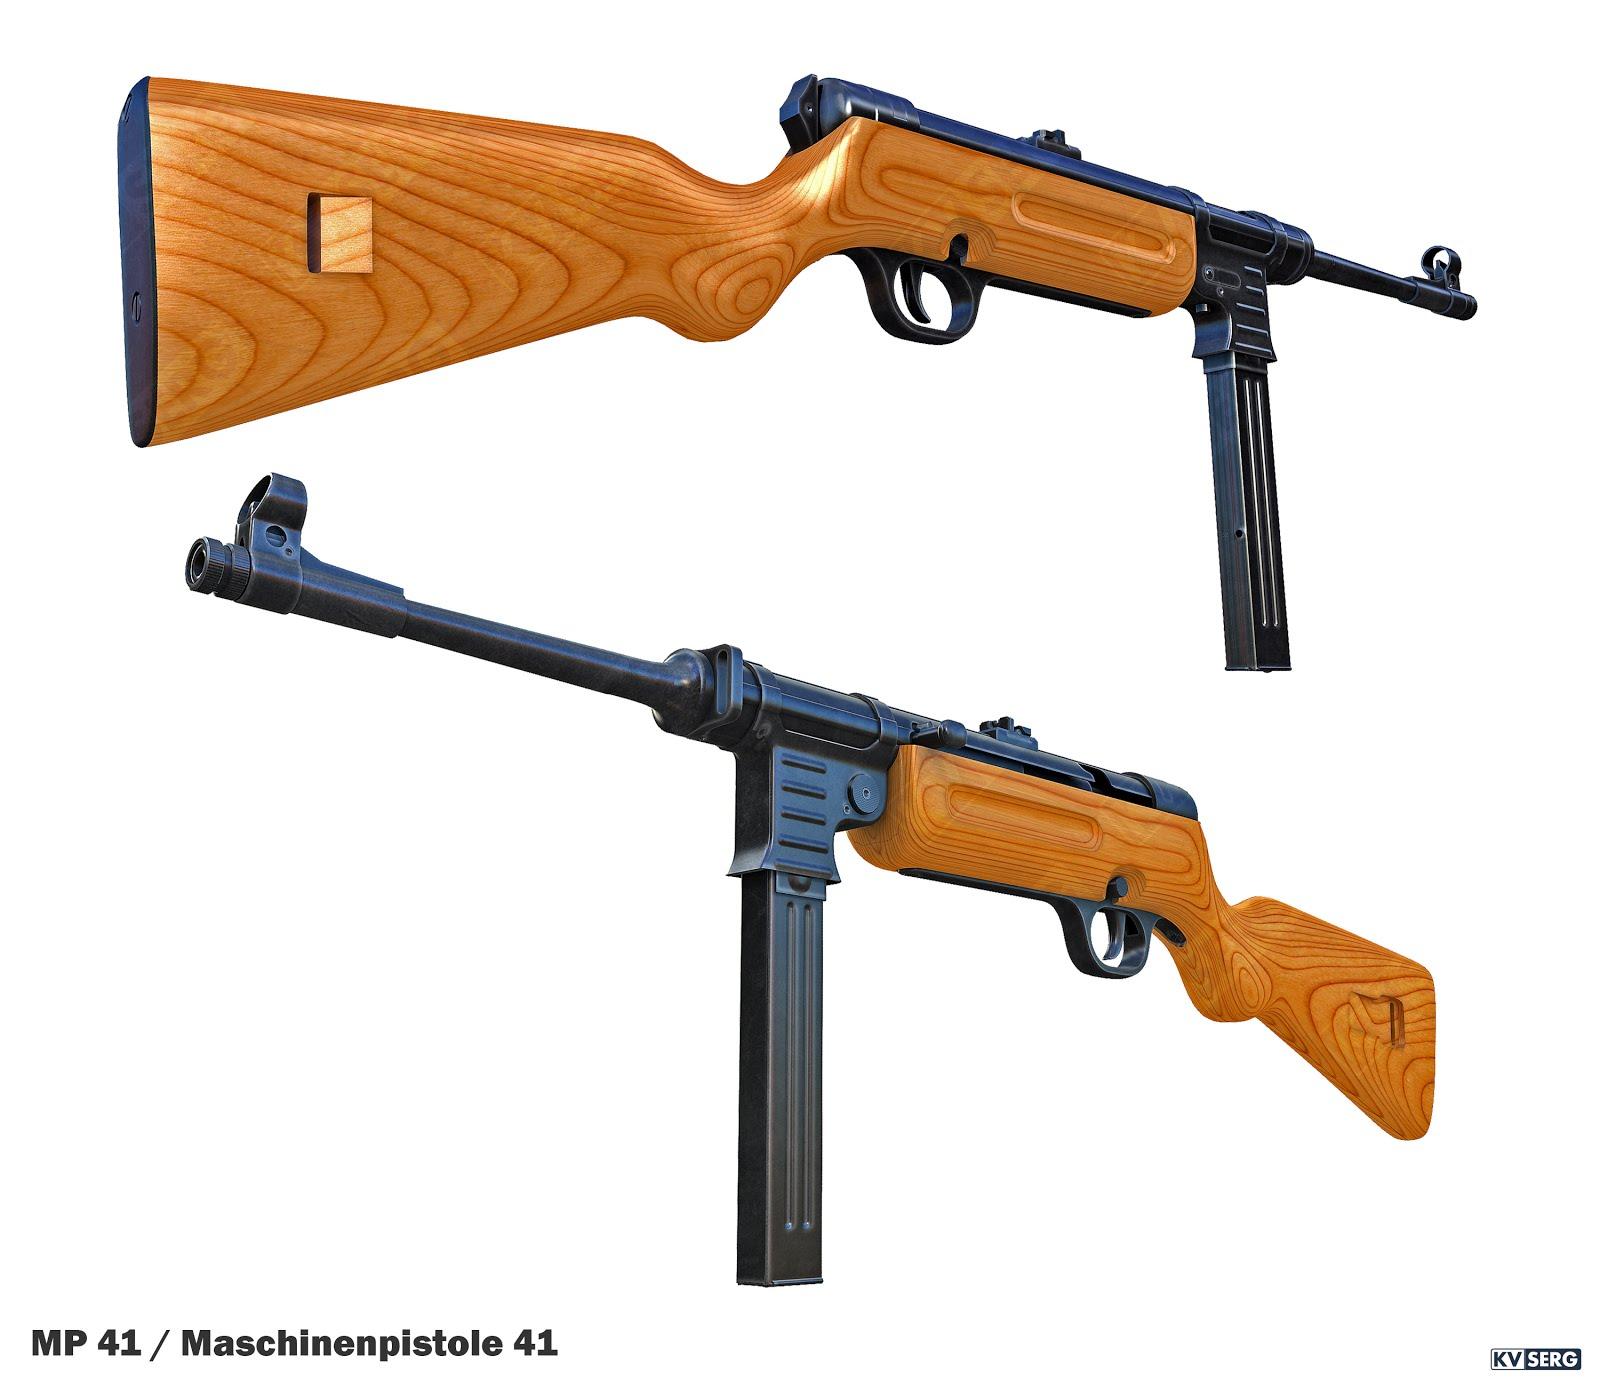 KVSERG ART: MP-41